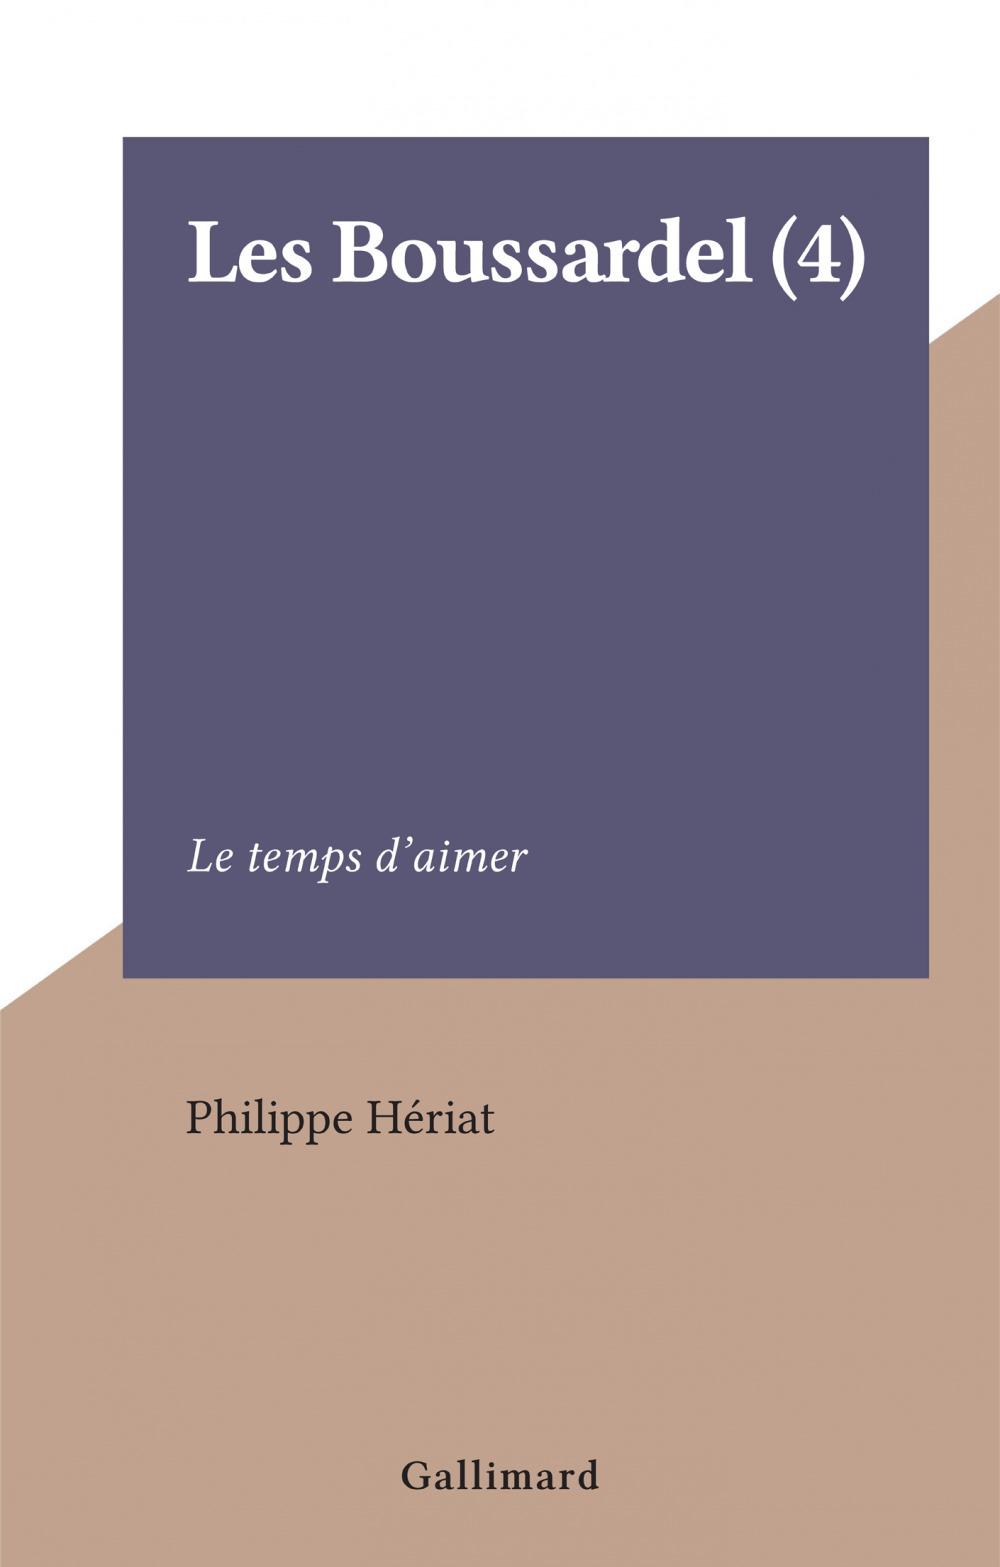 Les Boussardel (4)